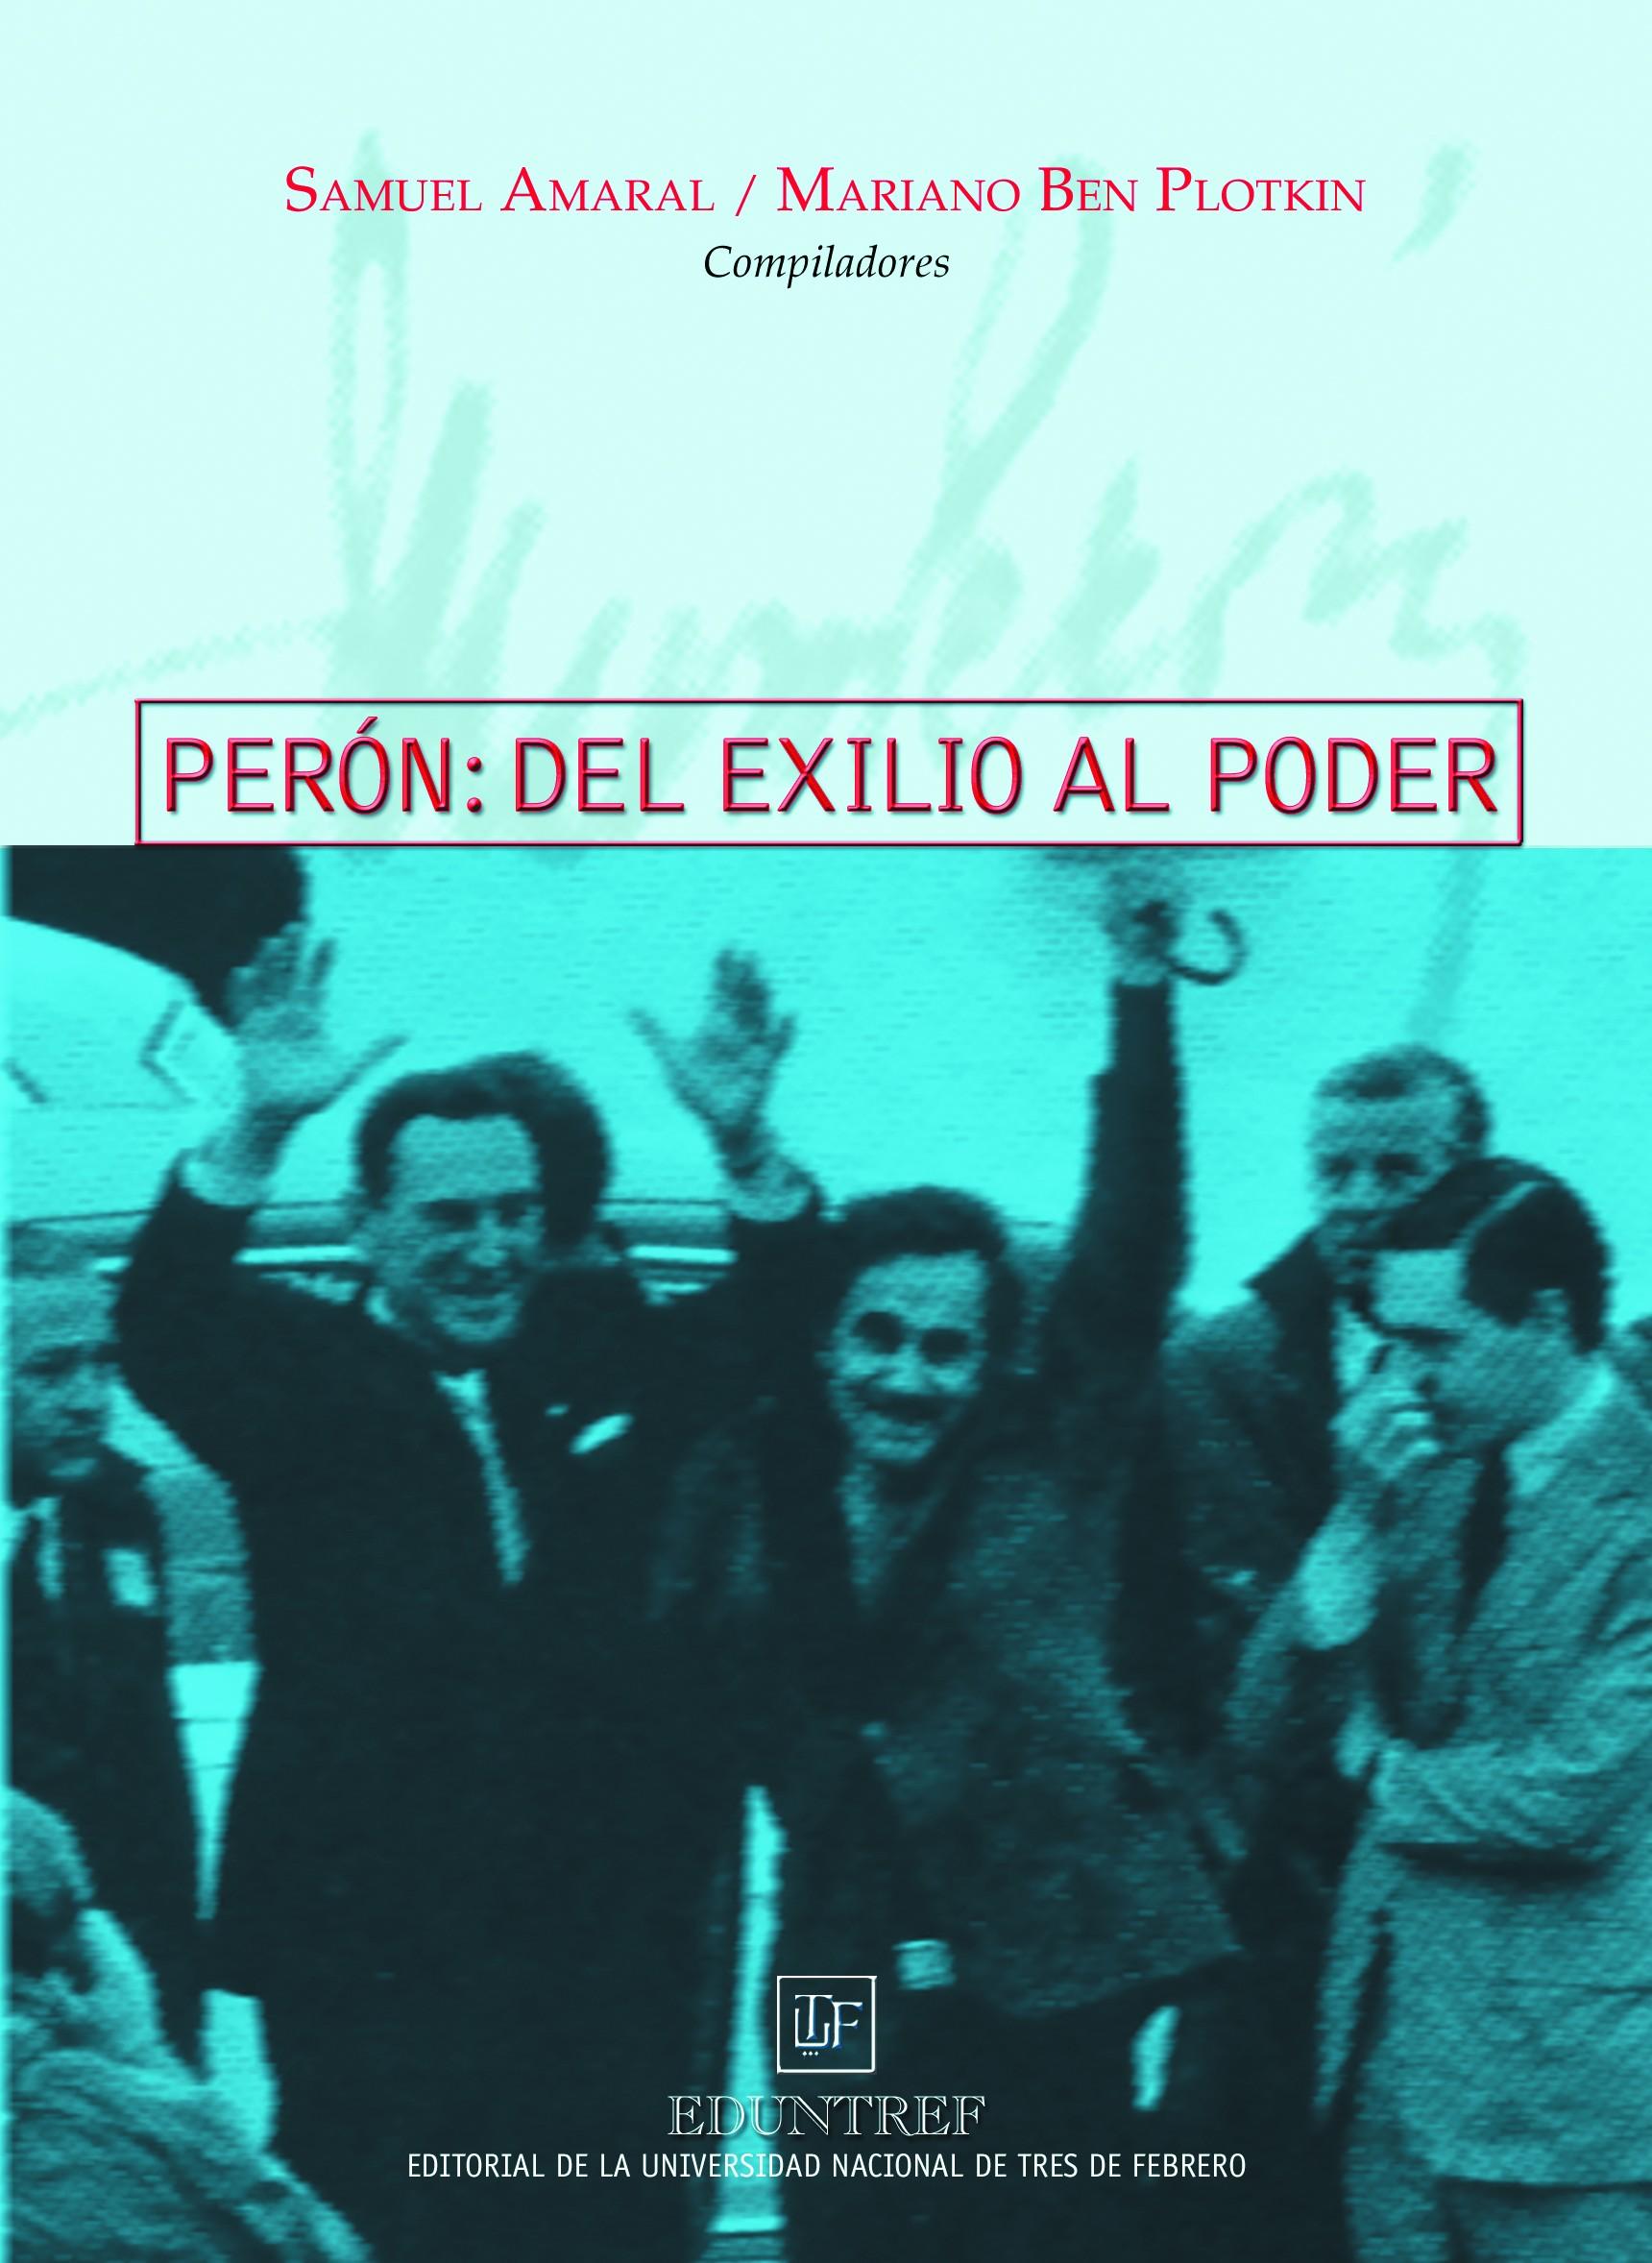 Perón del exilio al poder